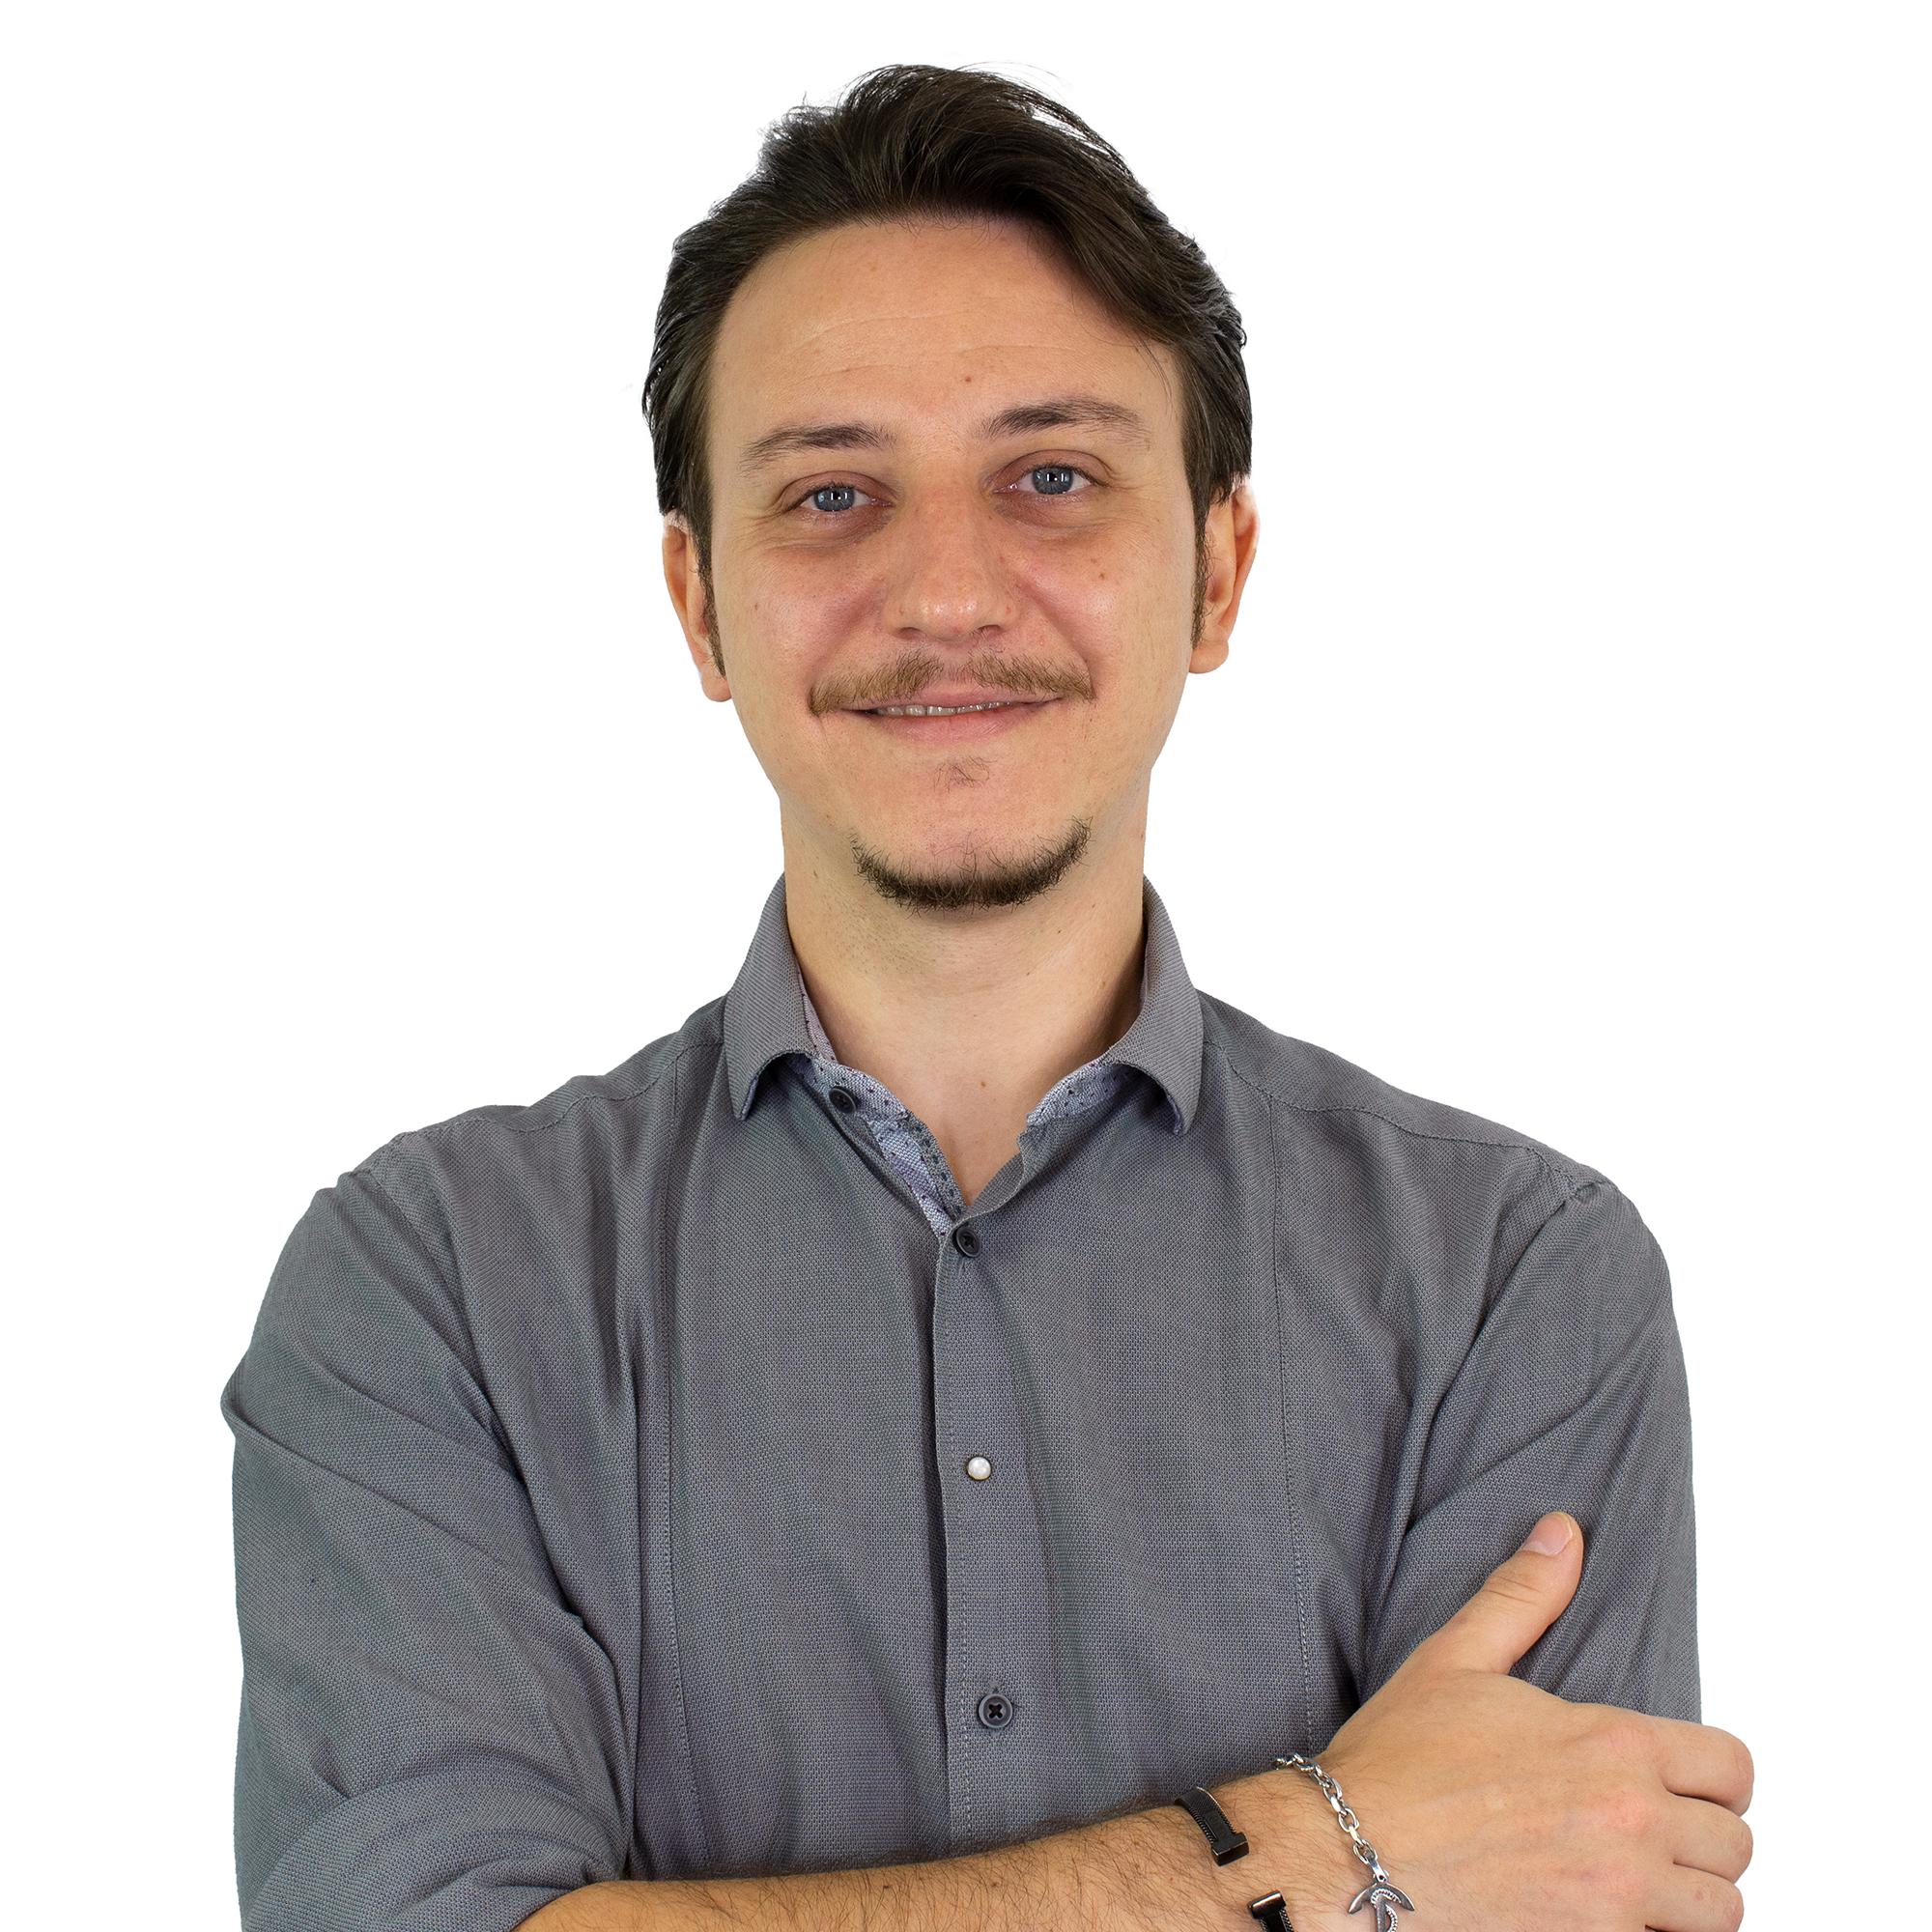 Stefano Carfagna